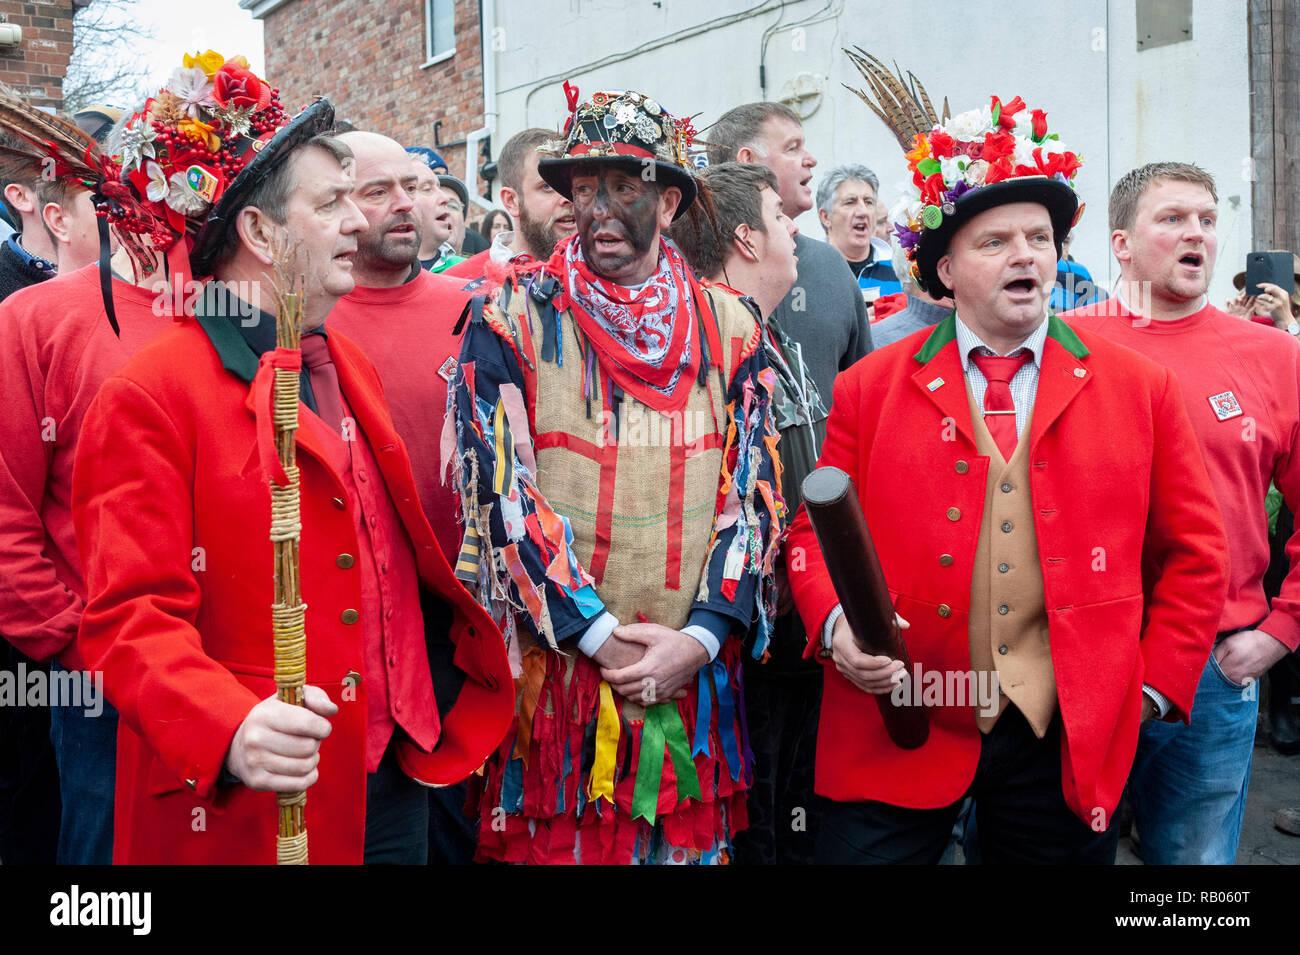 Haxy, Lincolnshire, Regno Unito. Dal 5 gennaio 2019. Il villaggio di Haxy hanno messo in pratica la antica tradizione fin dal XIV secolo. Si è creduto per essere la più antica tradizione locale in Inghilterra. Noto come il cofano Haxy è più facilmente descritta come una sorta di partita di rugby, con un numero illimitato di partecipanti e alcune regole, come un tubo in pelle è hanno camminato lentamente la grande disorganizzata rugby scrum a uno dei quattro pub locale, dove rimane fino a quando i seguenti anni di gioco. Credito: Matt arto OBE/Alamy Live News Immagini Stock